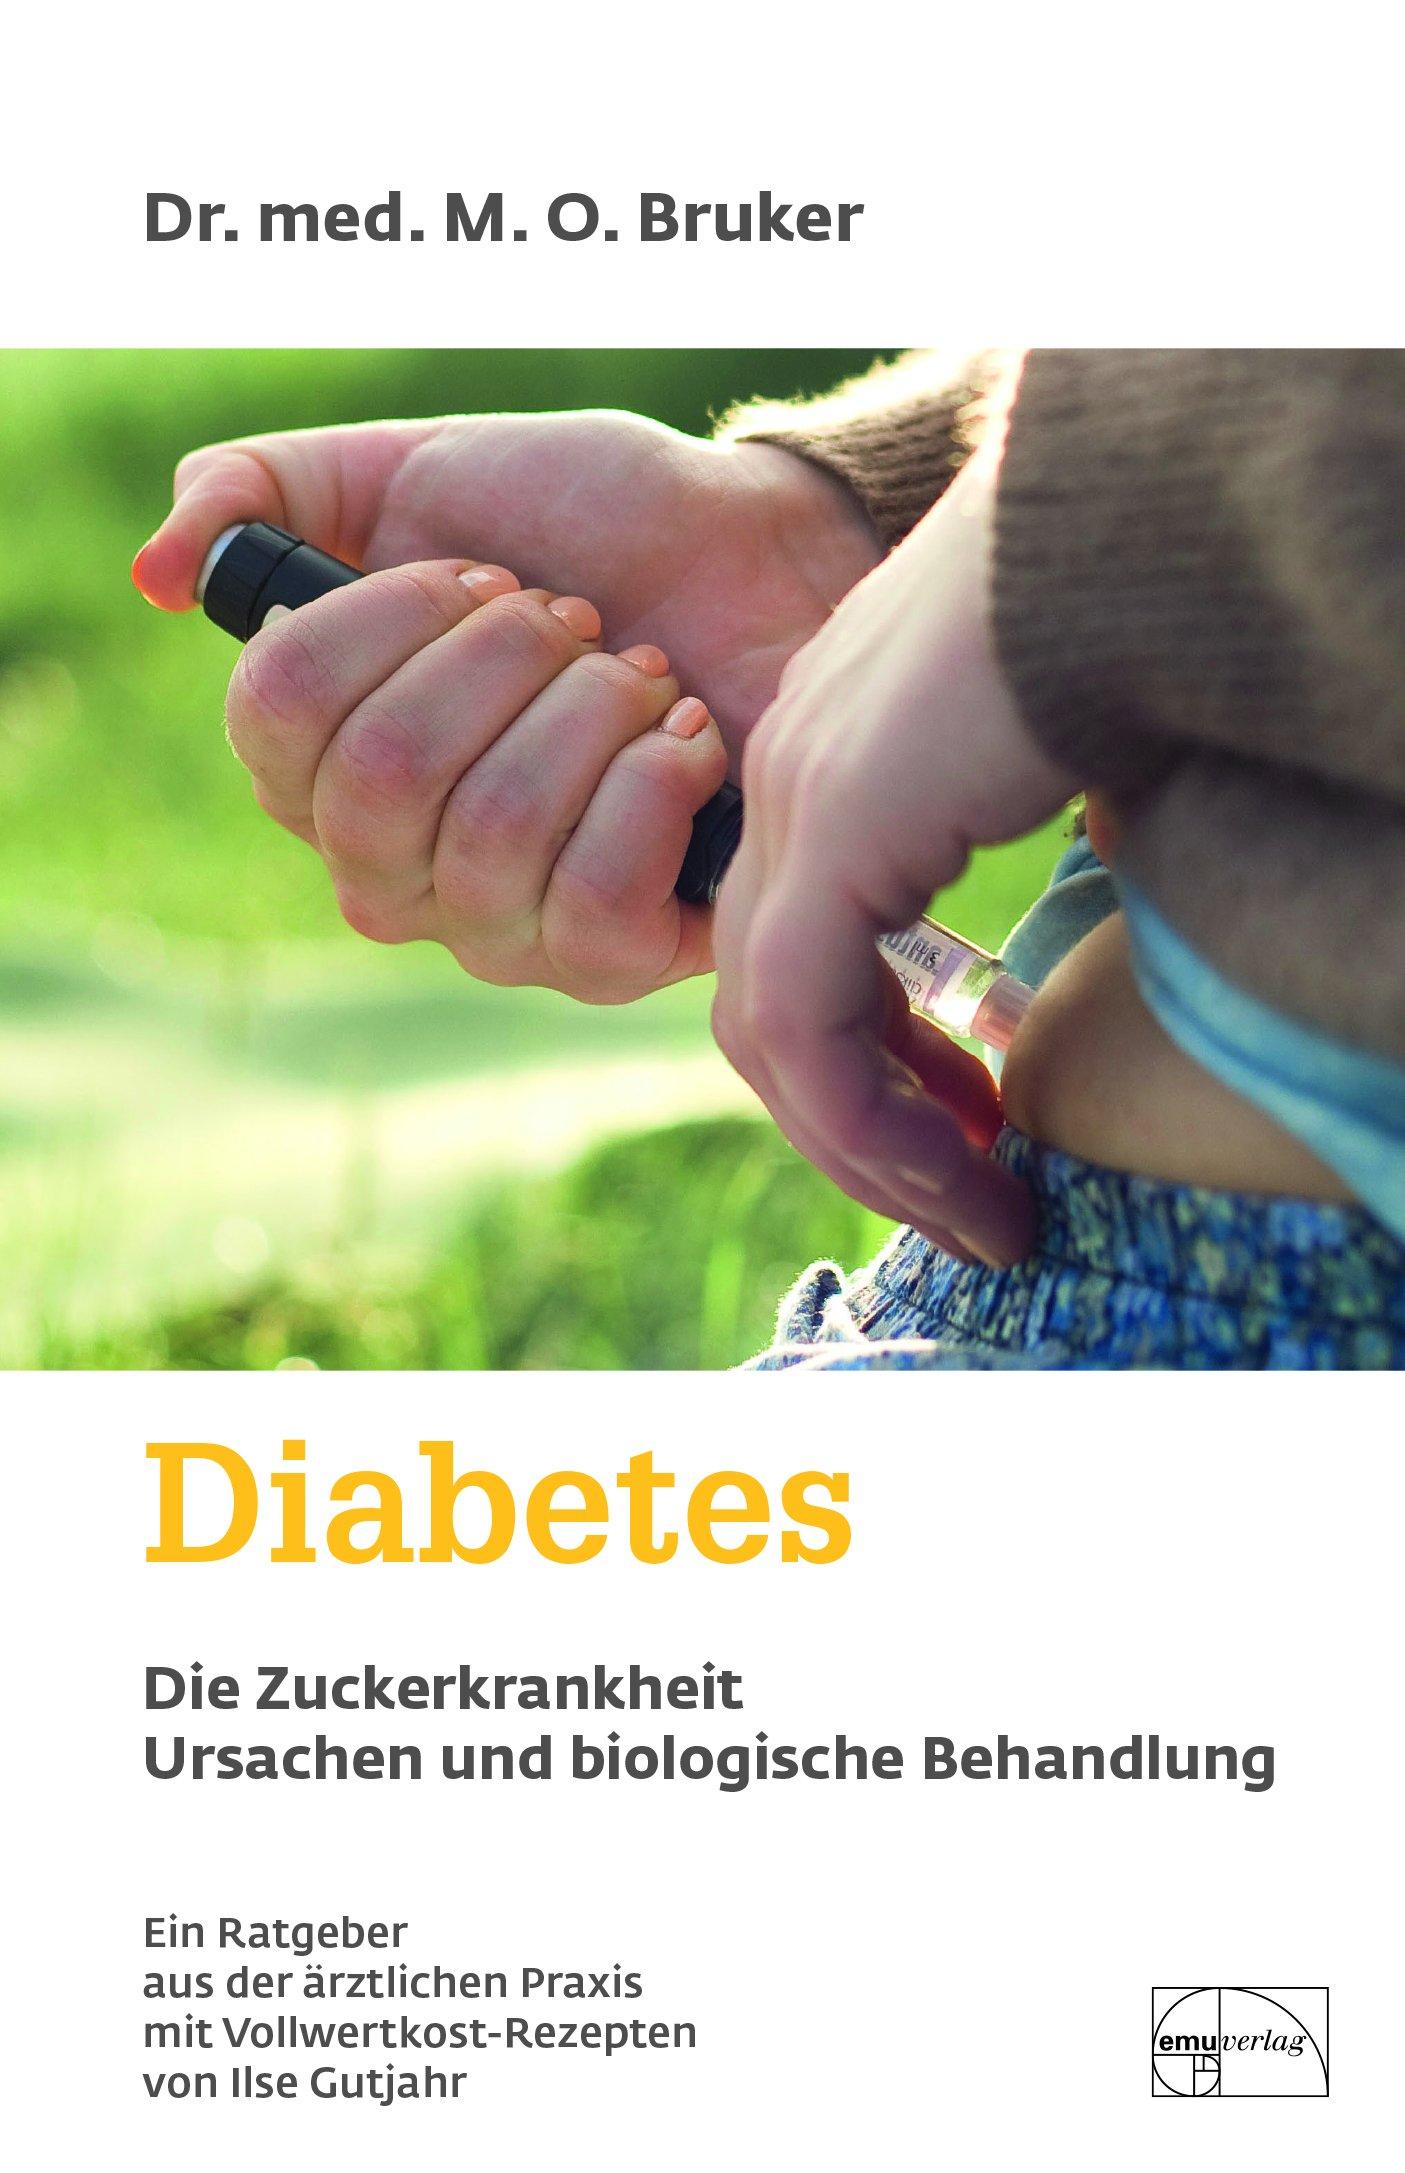 Diabetes - Ursache und biologische Behandlung (Aus der Sprechstunde)